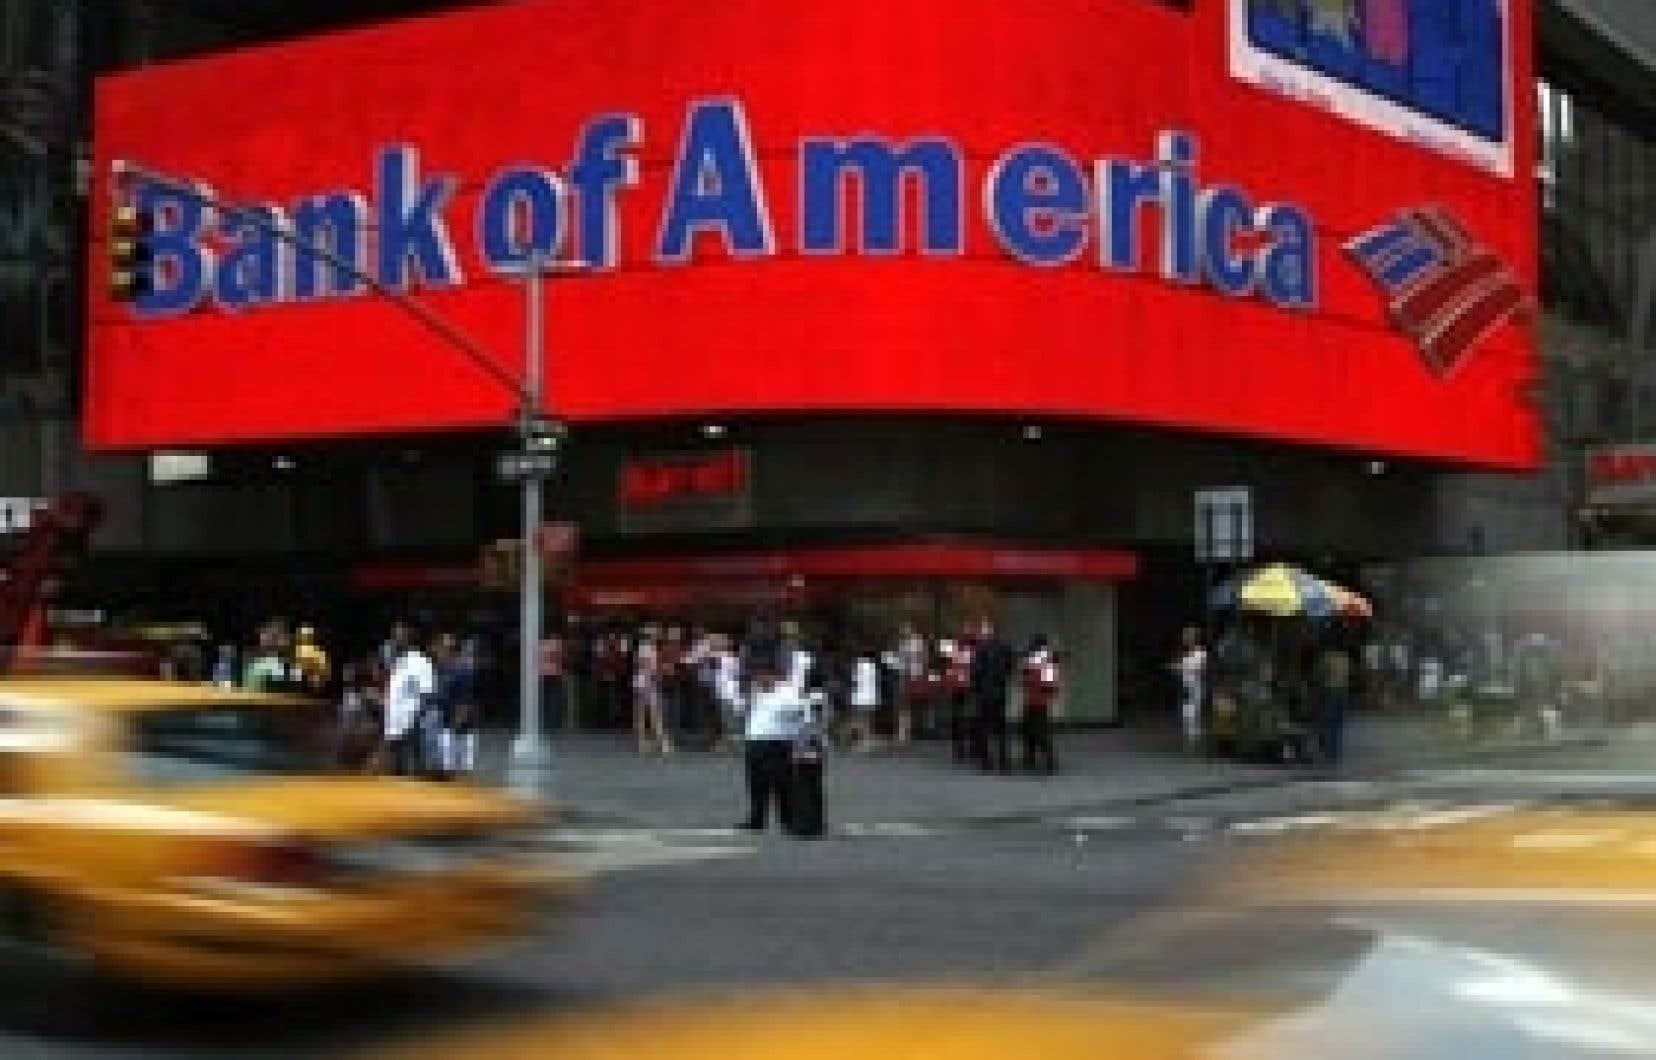 Il y a une semaine, un juge fédéral avait rejeté un accord à l'amiable entre Bank of America et la SEC, visant à régler l'affaire des primes payées par la banque d'affaires Merrill Lynch fin 2008.